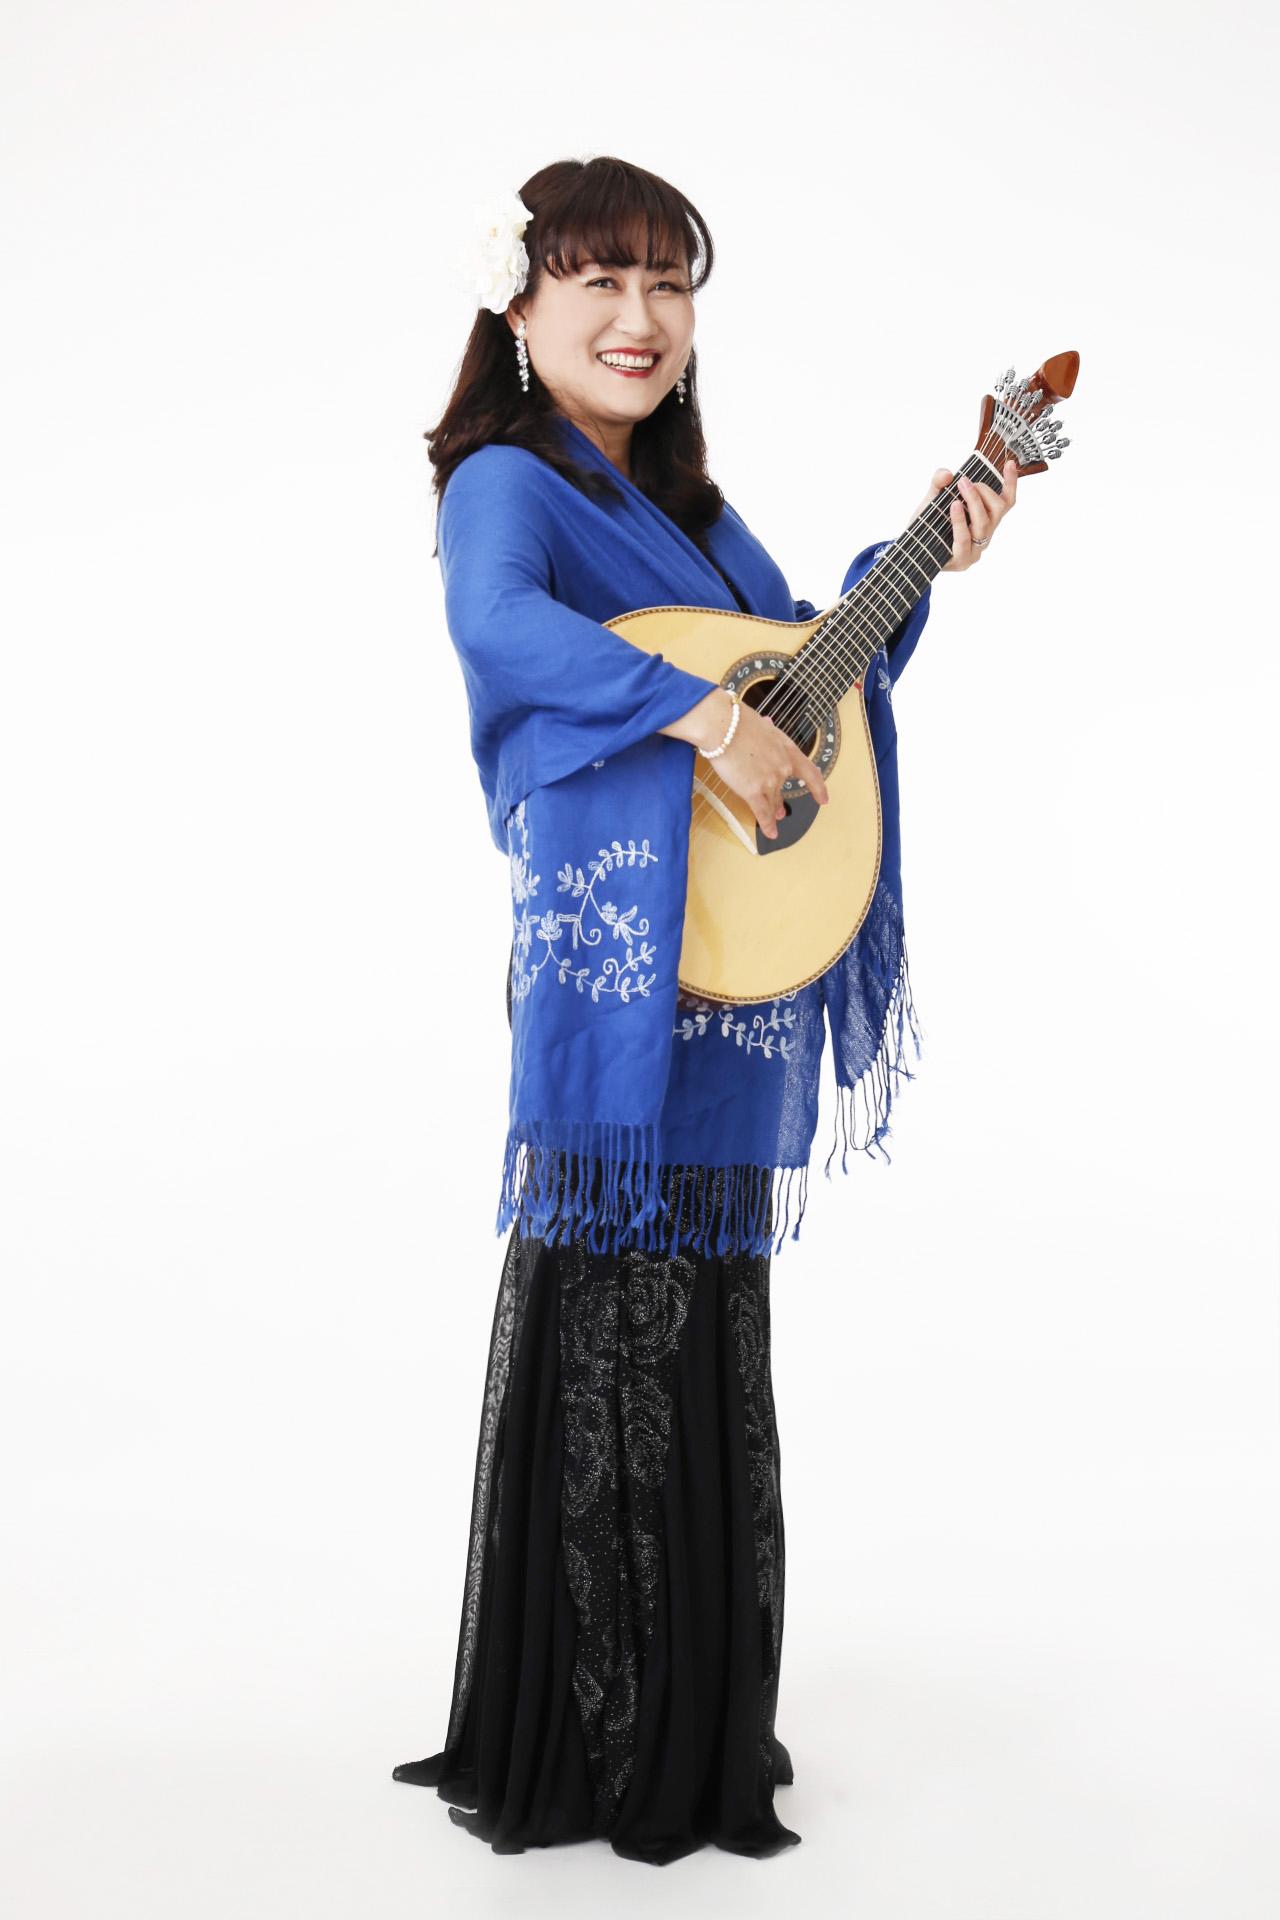 Masako Asai